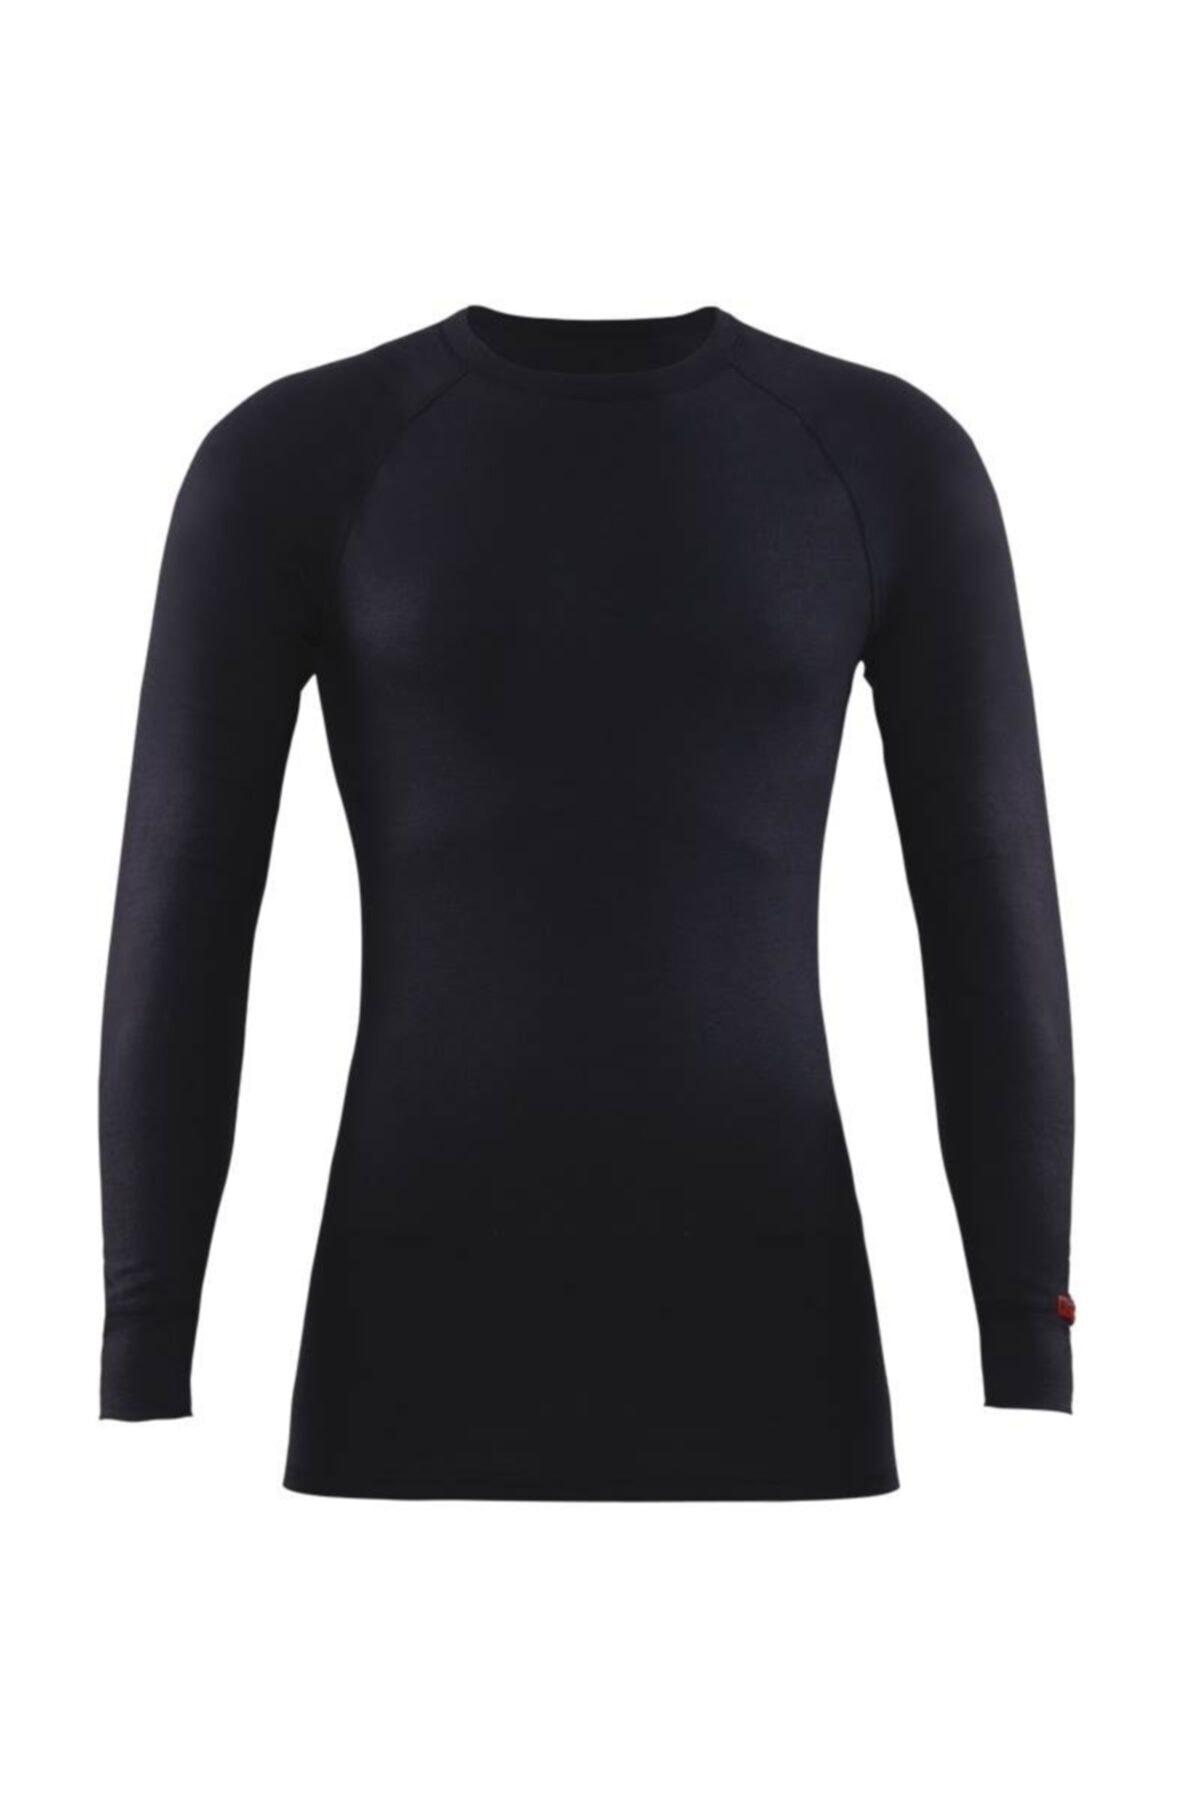 Blackspade Erkek Termal Tişört 2. Seviye 9259 - Siyah 1